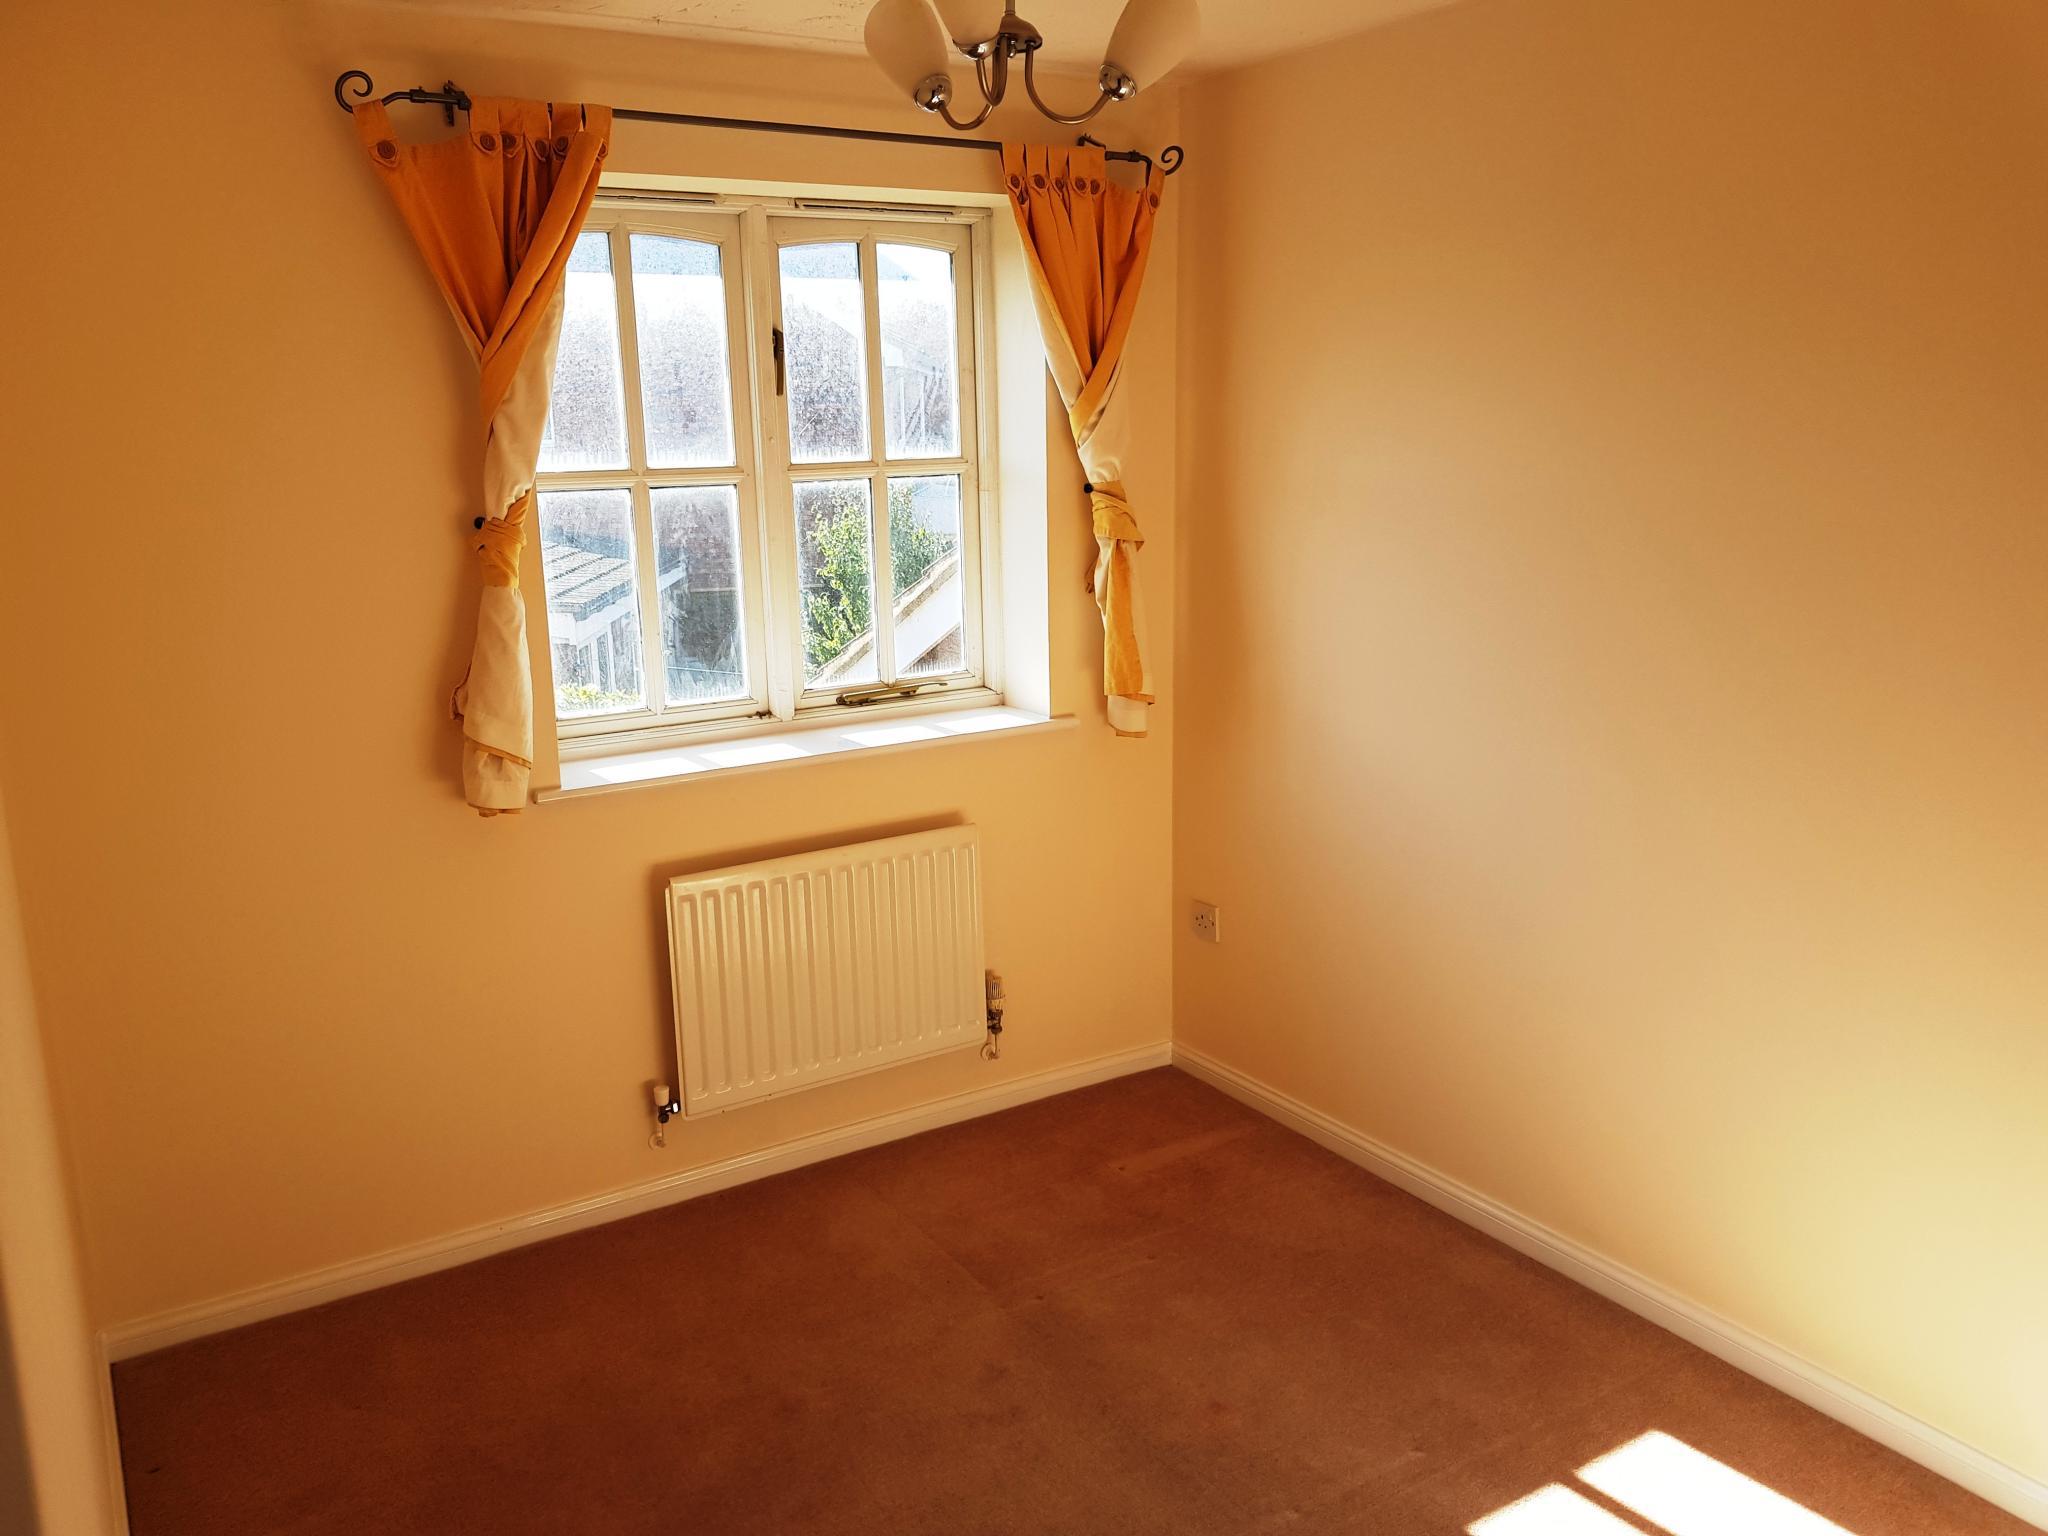 3 bedroom detached house SSTC in Ipswich - 7